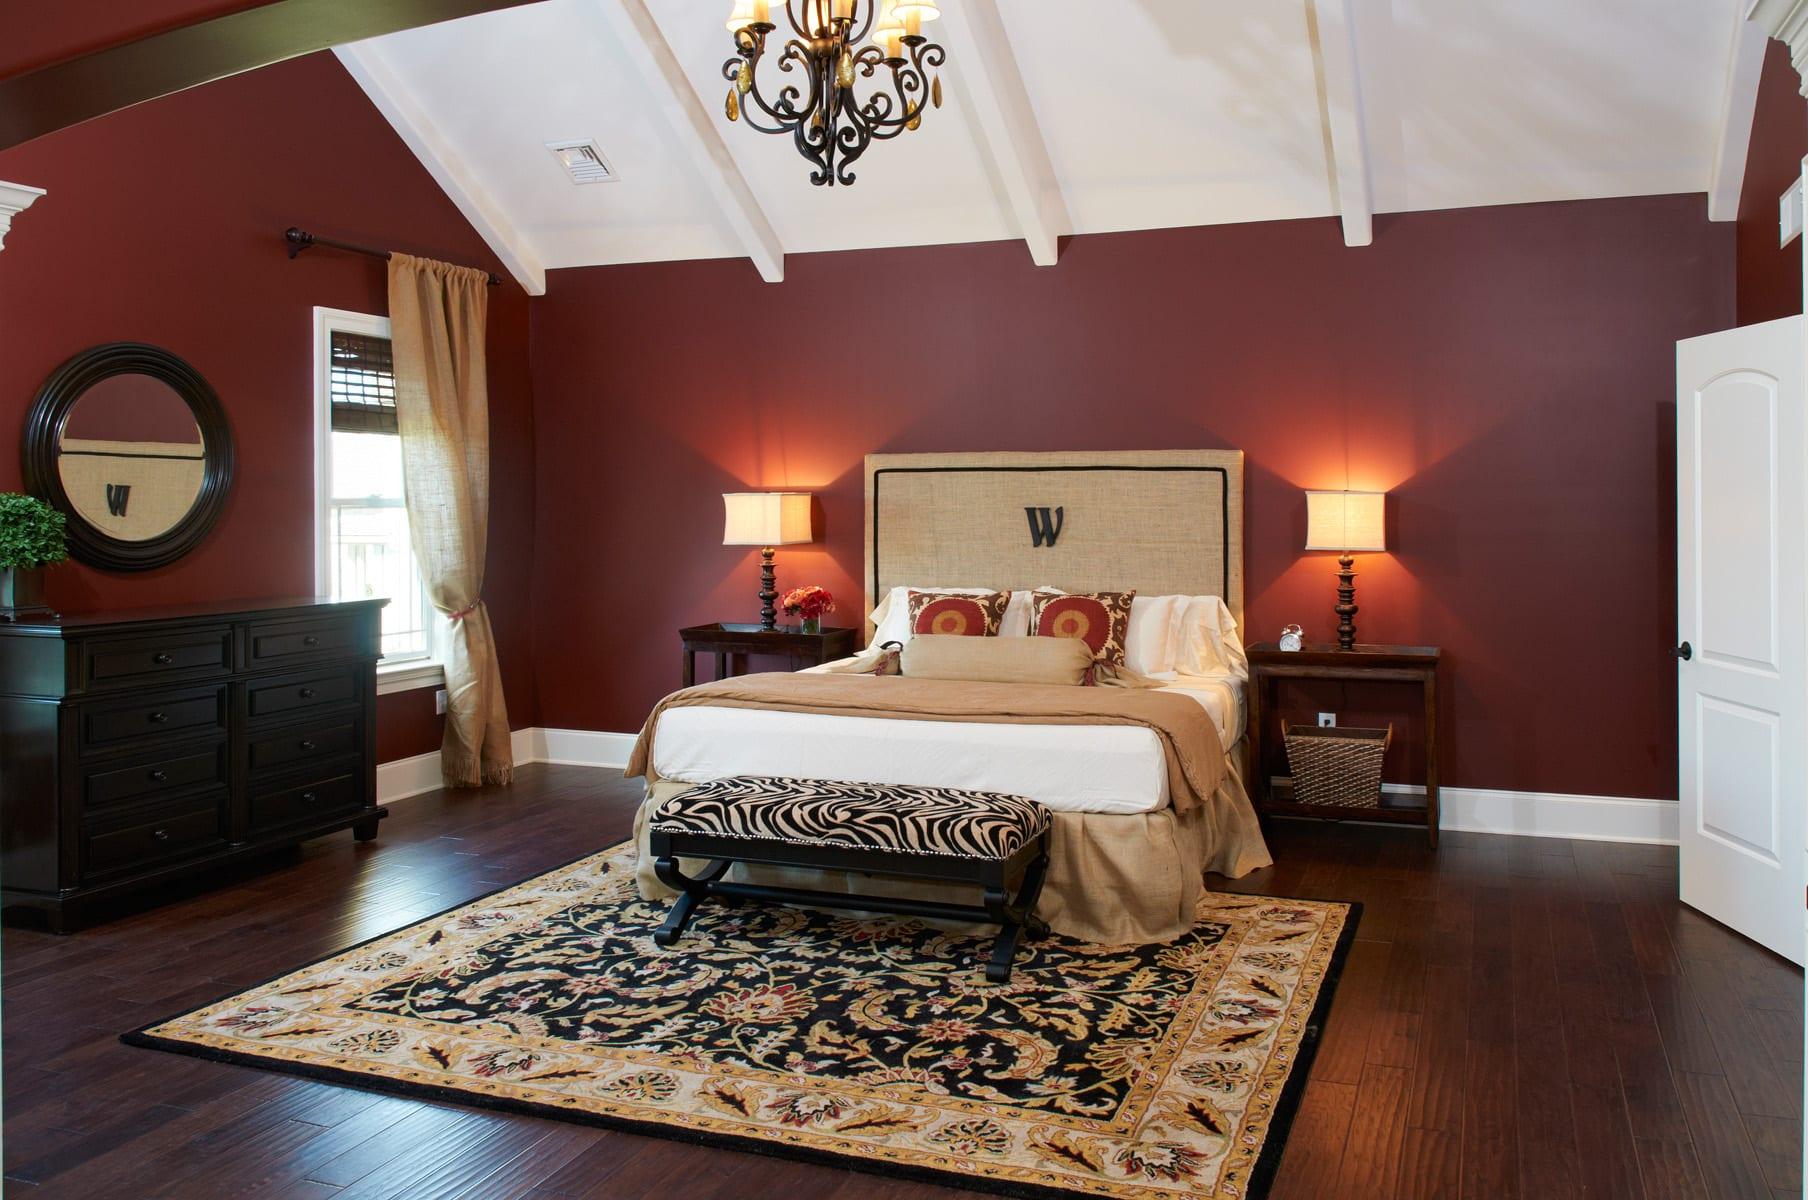 Bedroom Design Photo Gallery By FoxBuilt, Inc. In Harrisburg